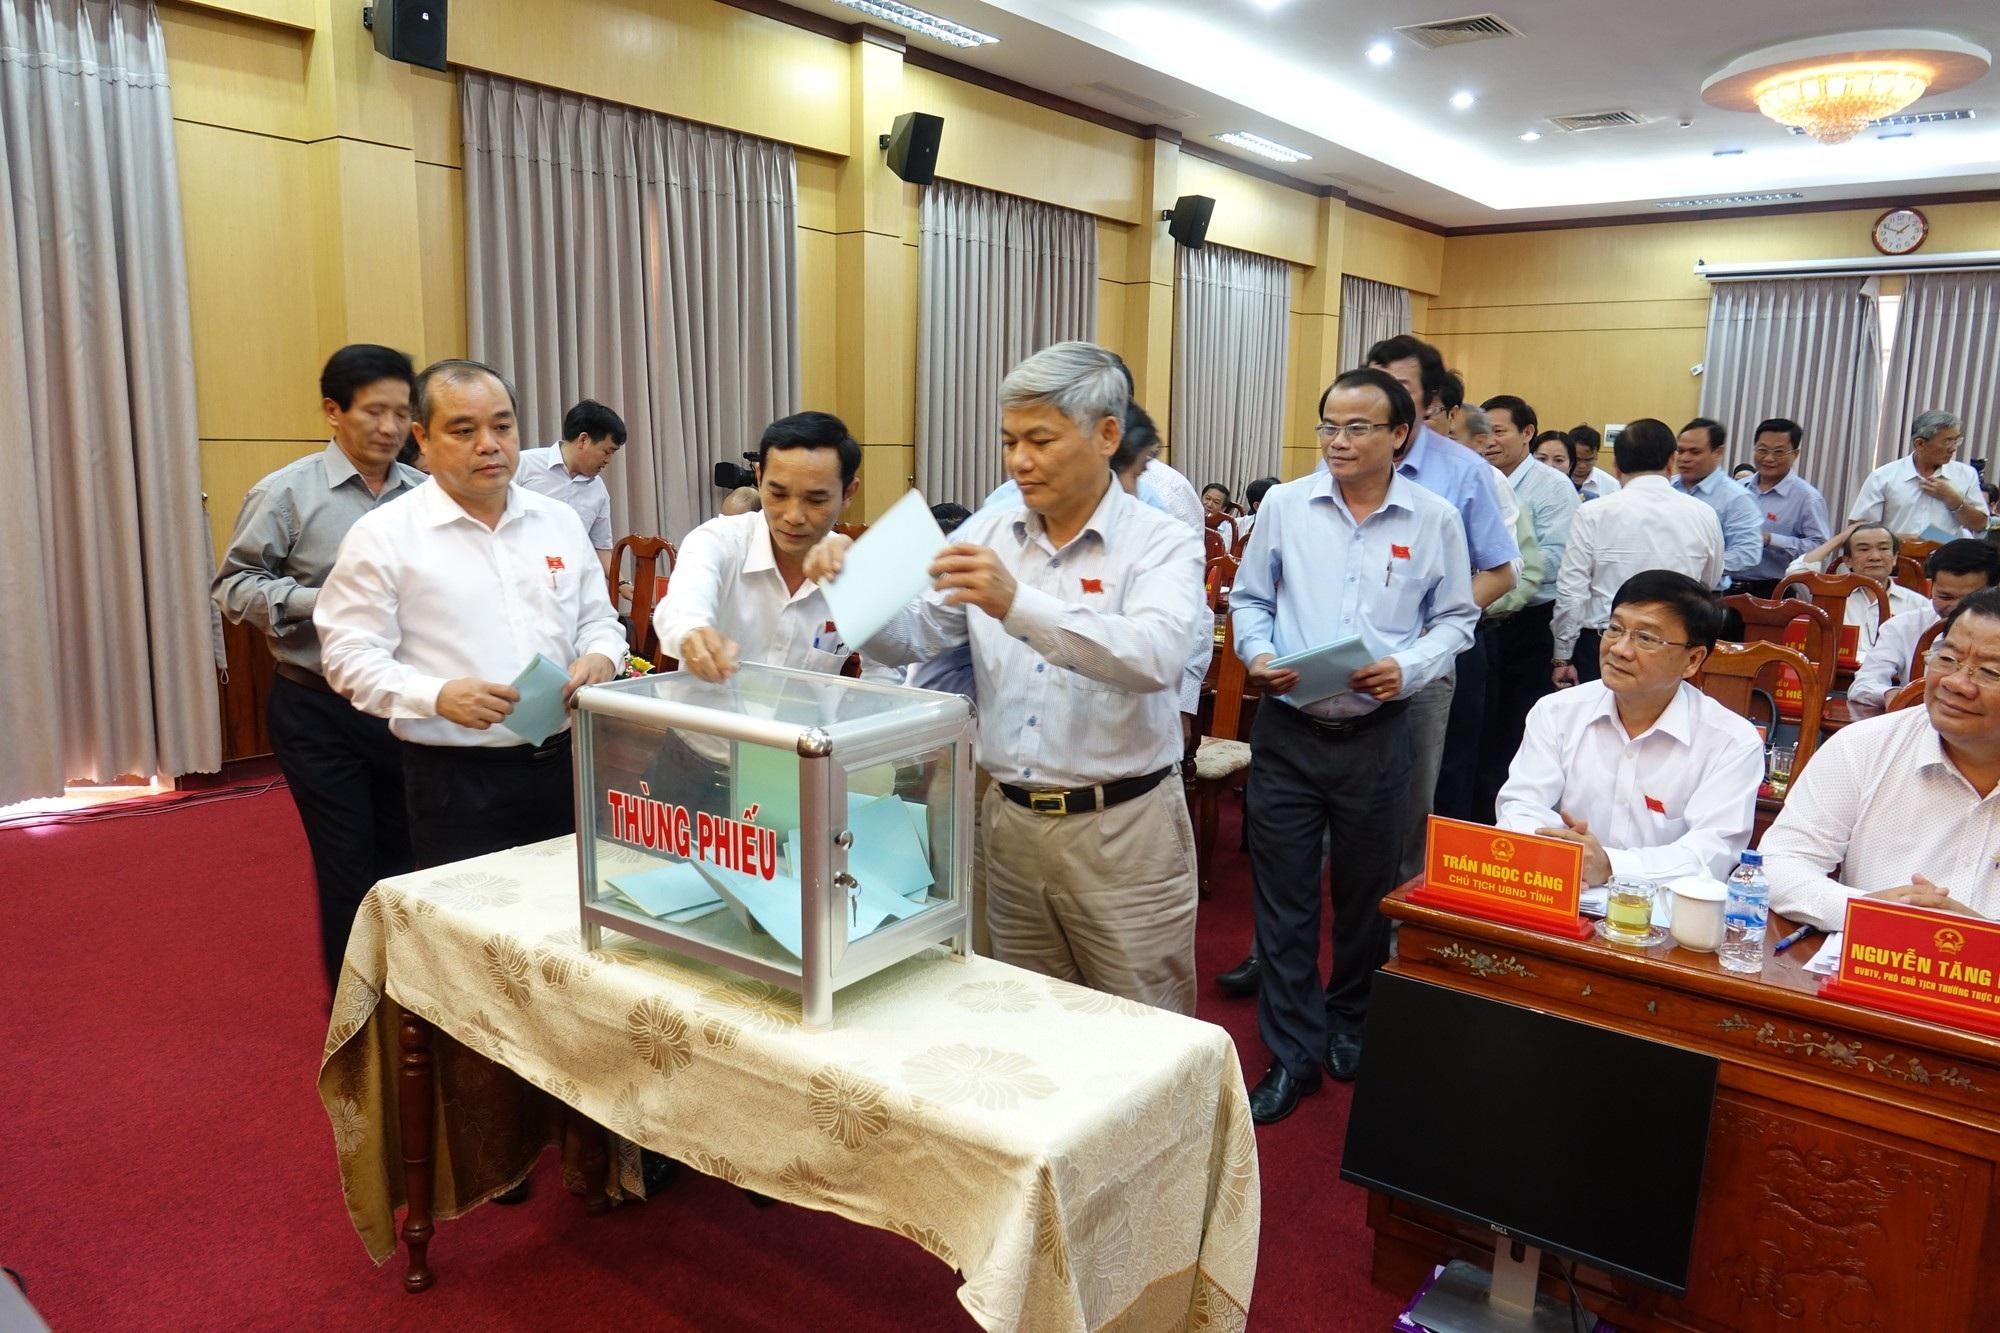 Quảng Ngãi: Nguyên Trưởng Ban Dân tộc tỉnh đứng đầu về phiếu tín nhiệm thấp - Ảnh 1.